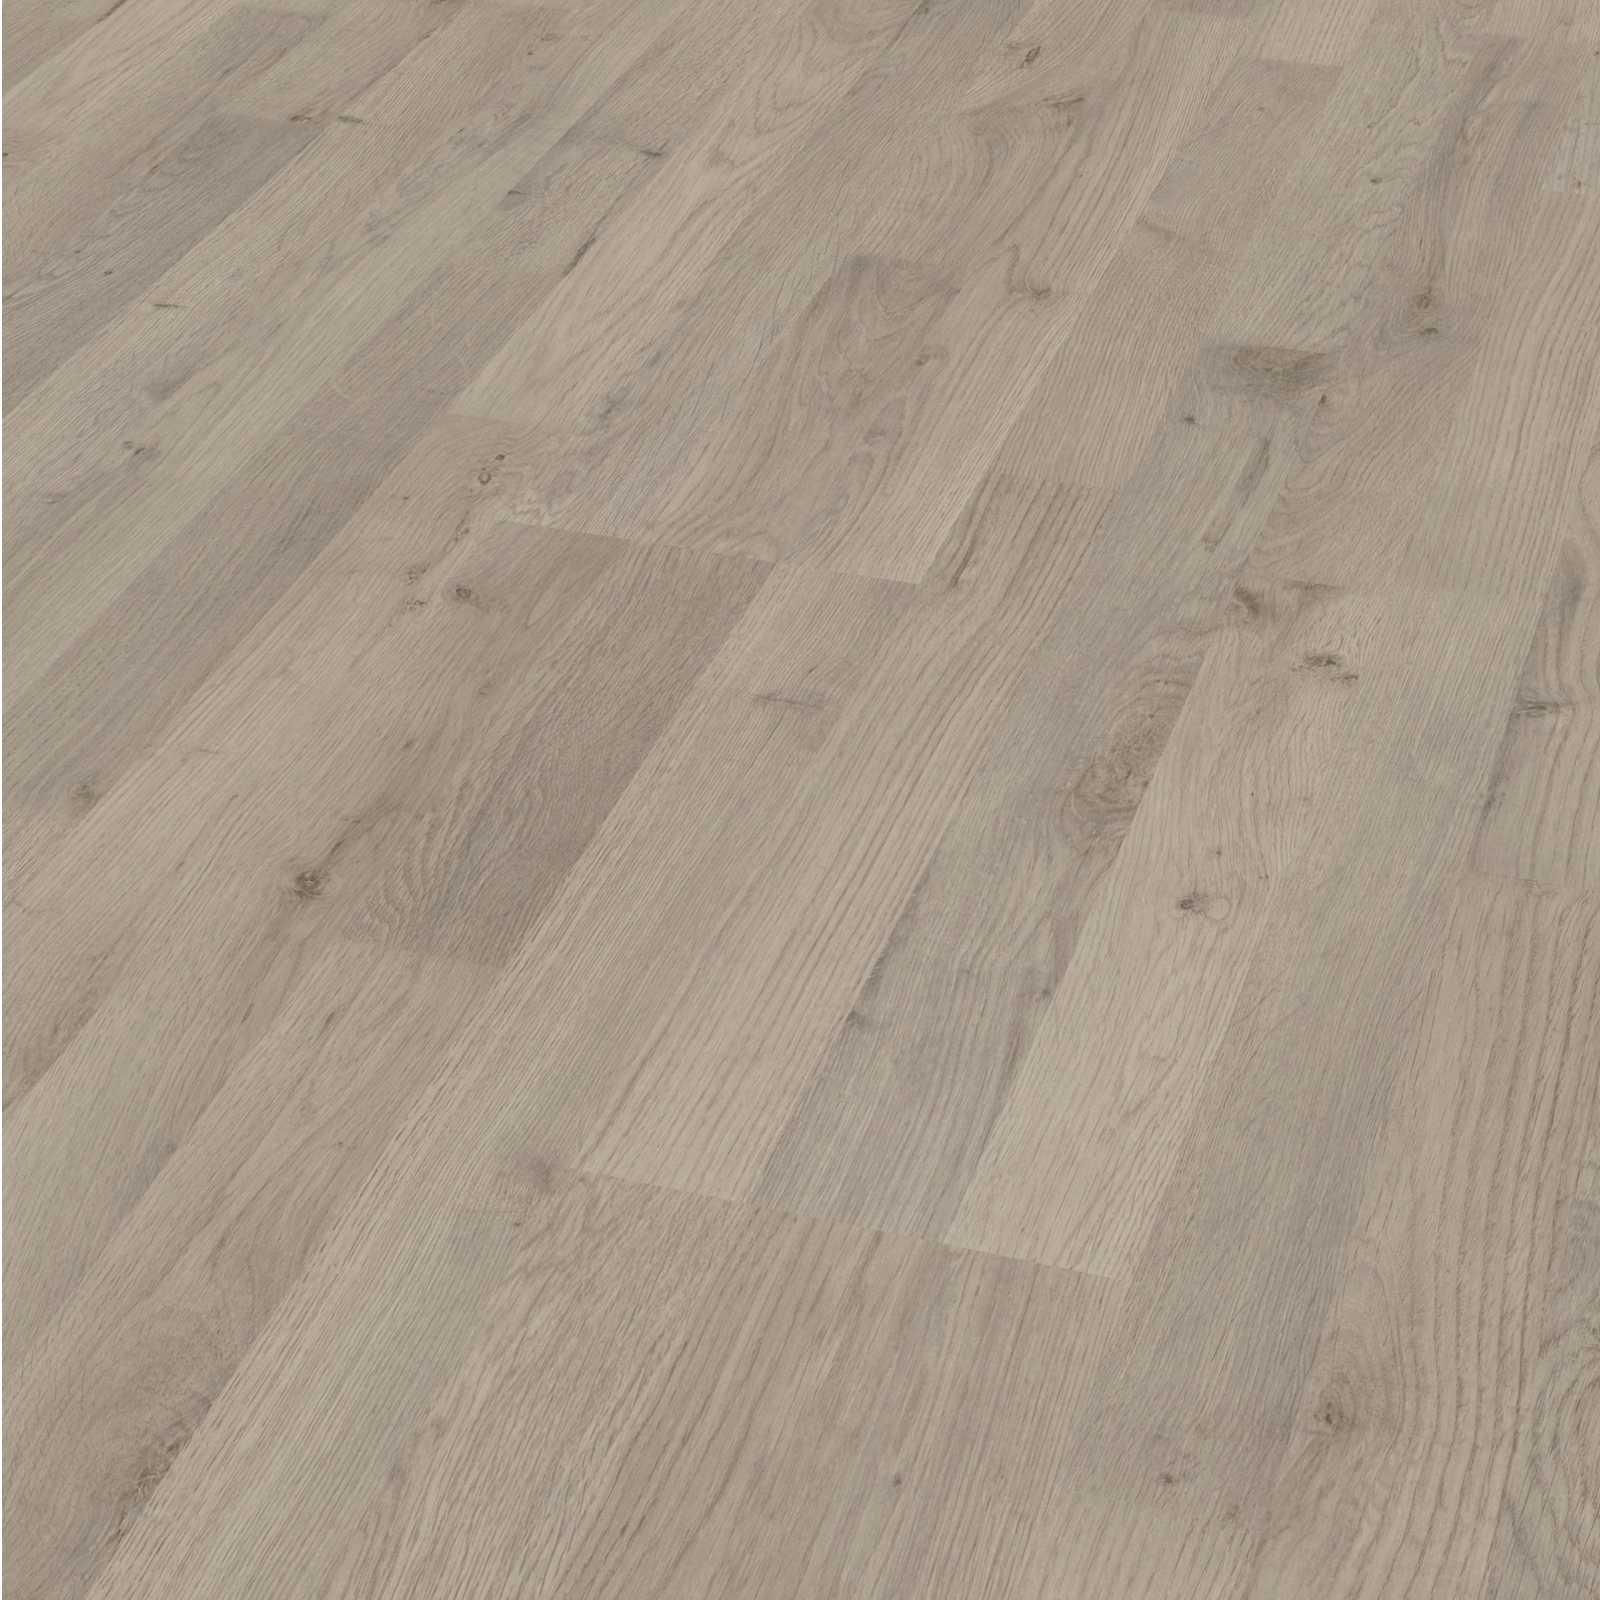 sch ner wohnen laminat herbsteiche grau laminatboden sch ner wohnen bodenmaster palma ohg. Black Bedroom Furniture Sets. Home Design Ideas